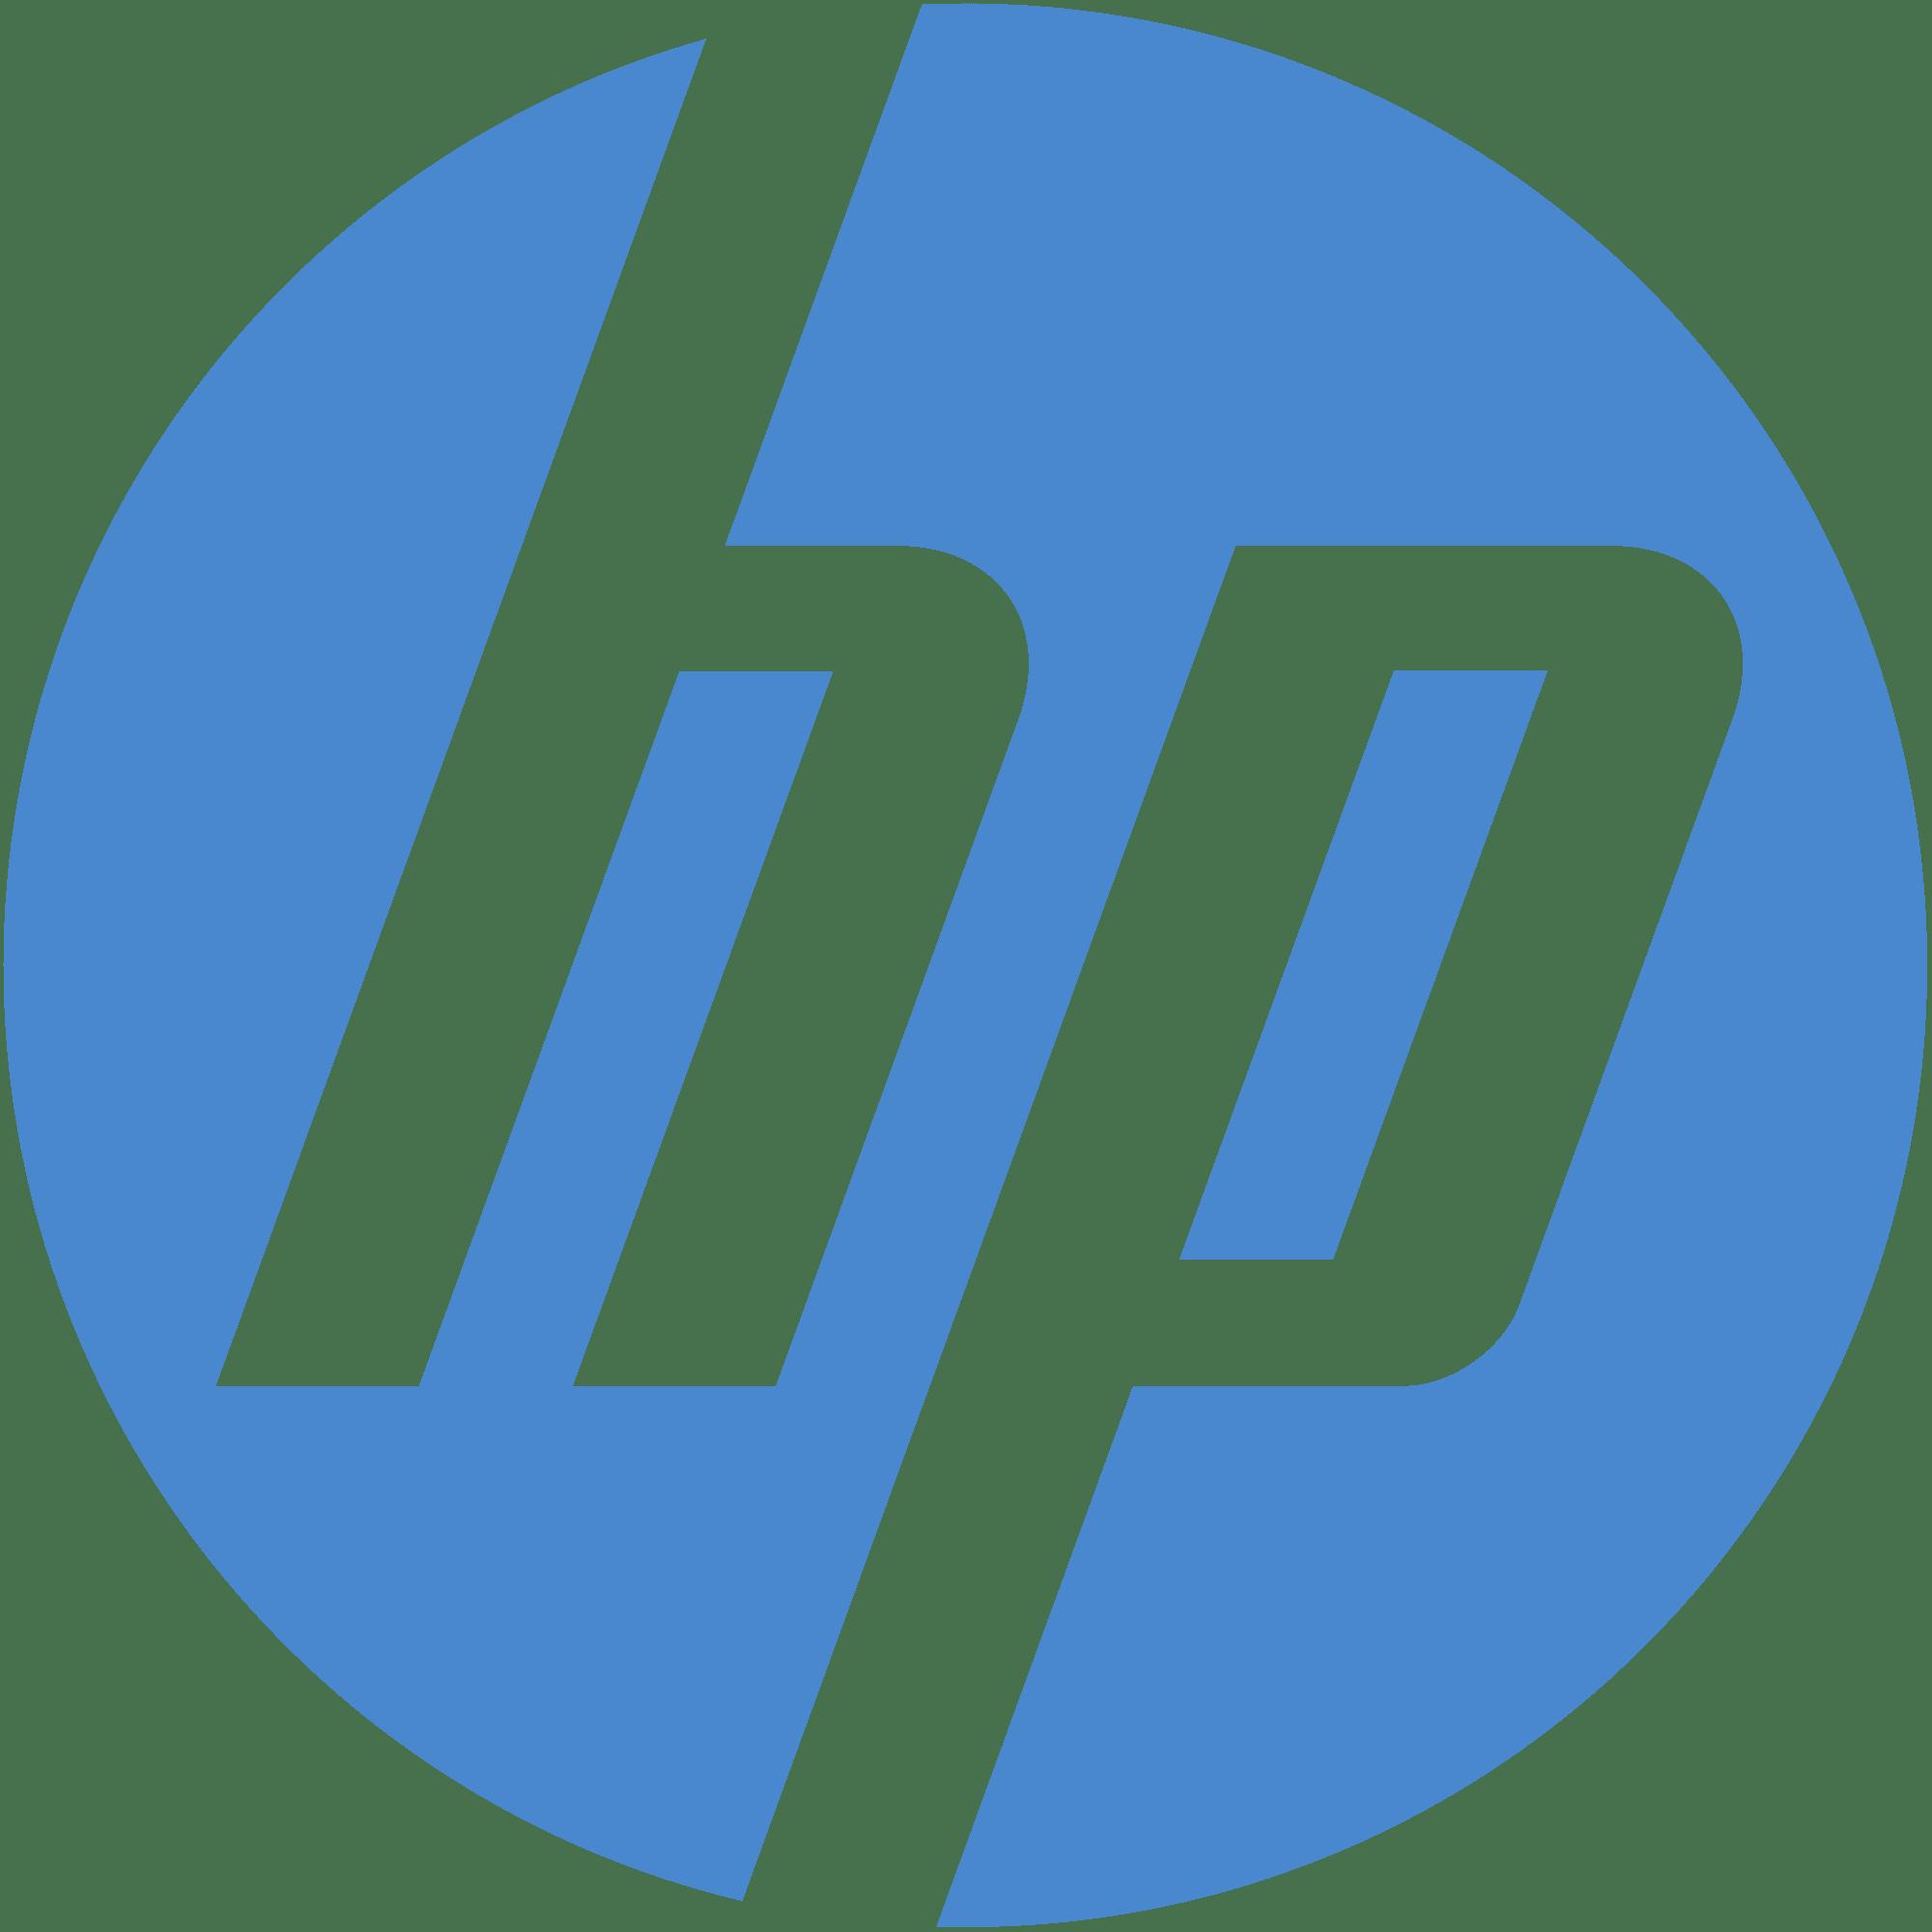 HP Deskjet 2000 Printer - J210a drivers